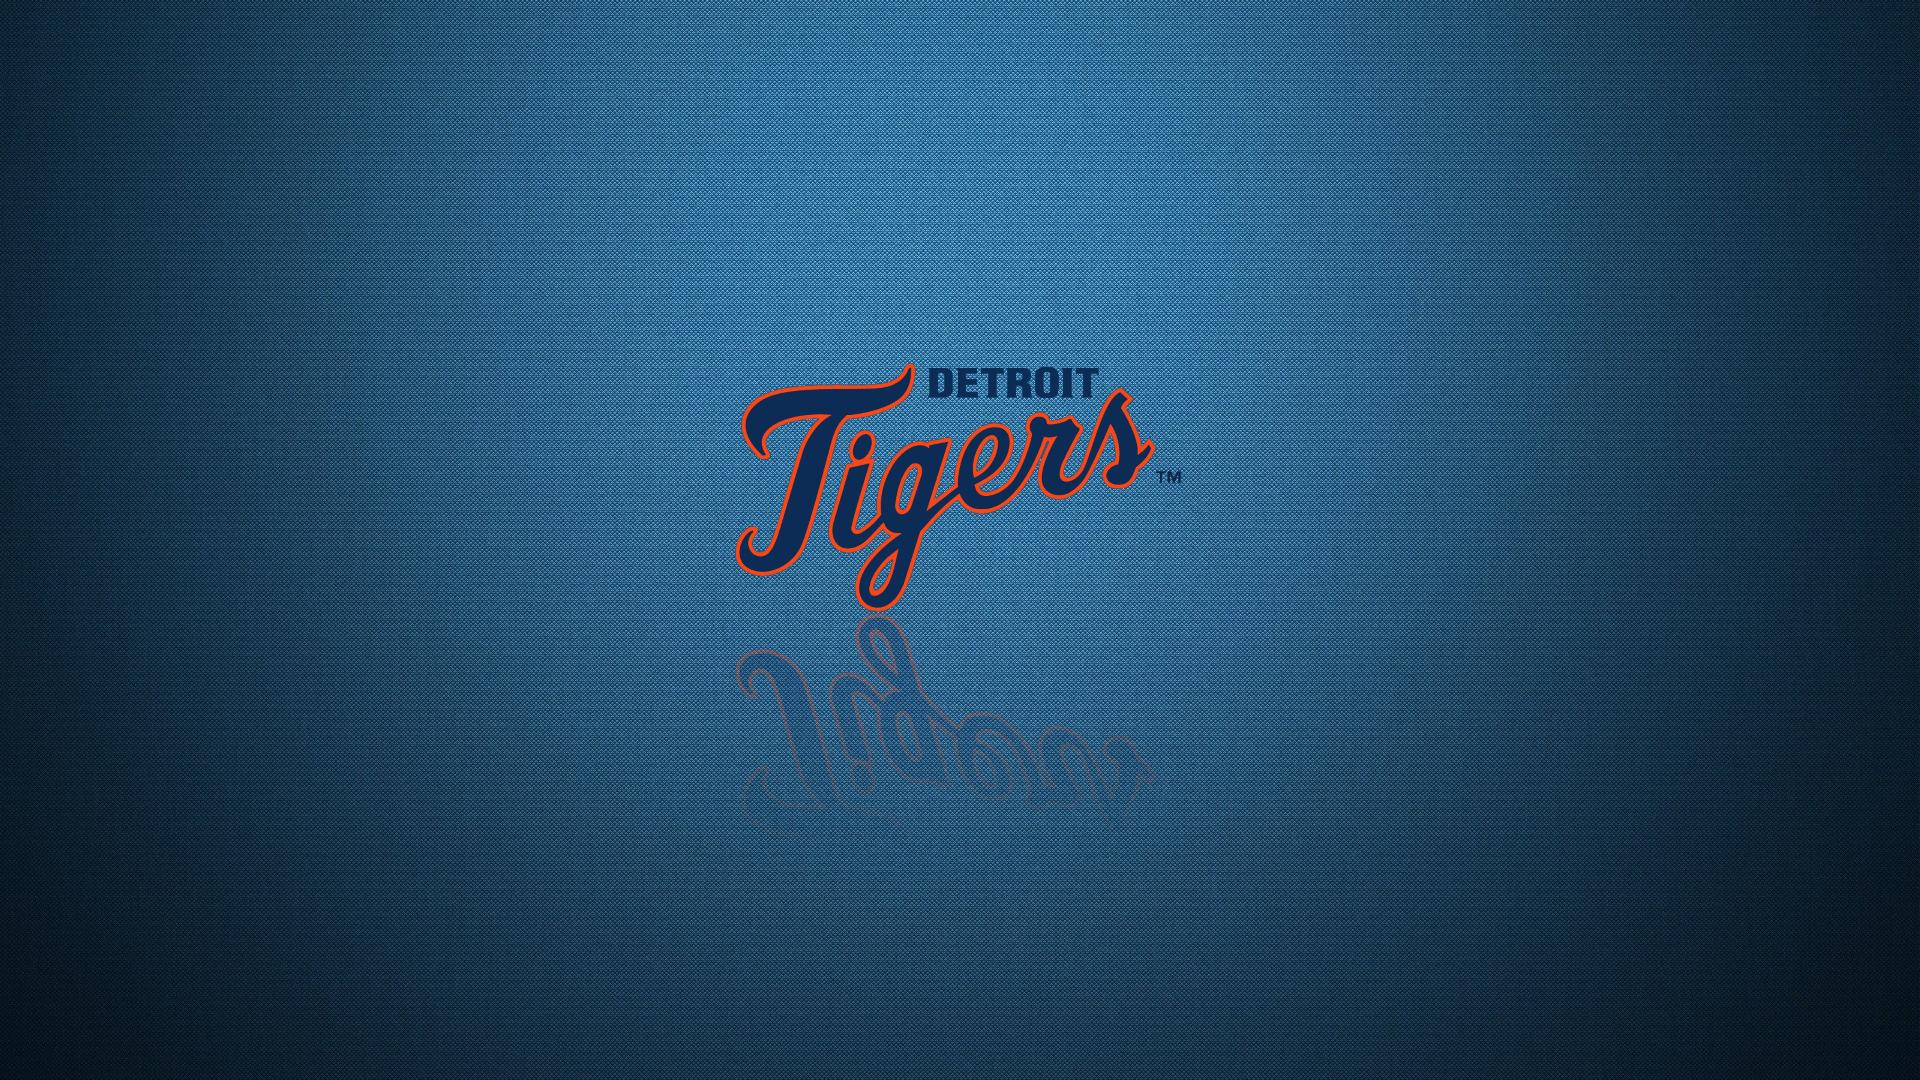 Detroit Tigers Full Hd